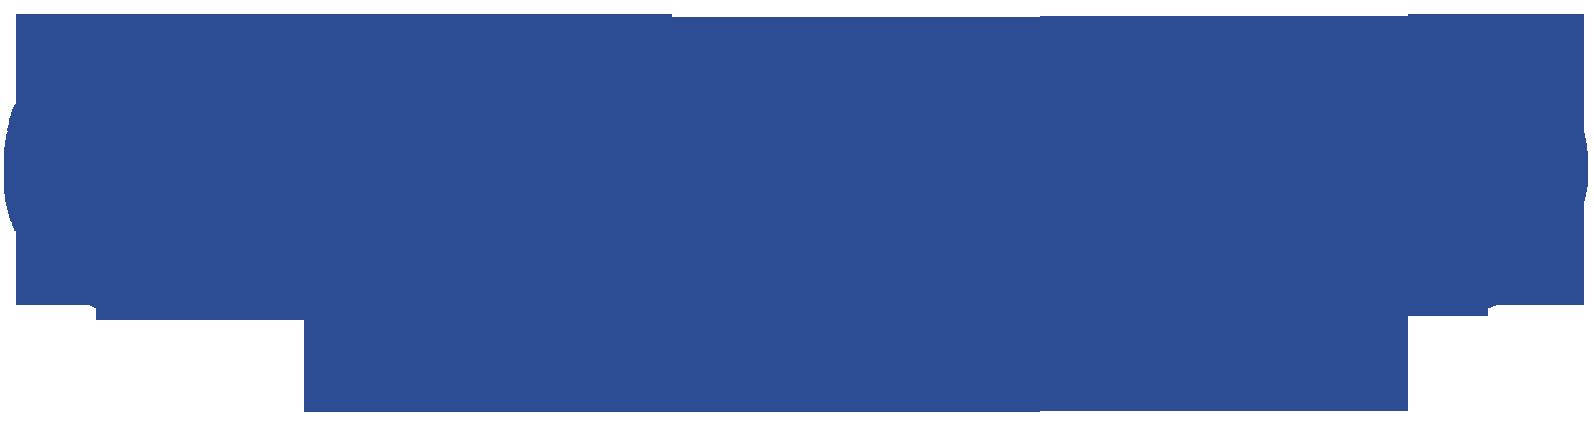 cropped-LOGO-APOYO-2.png